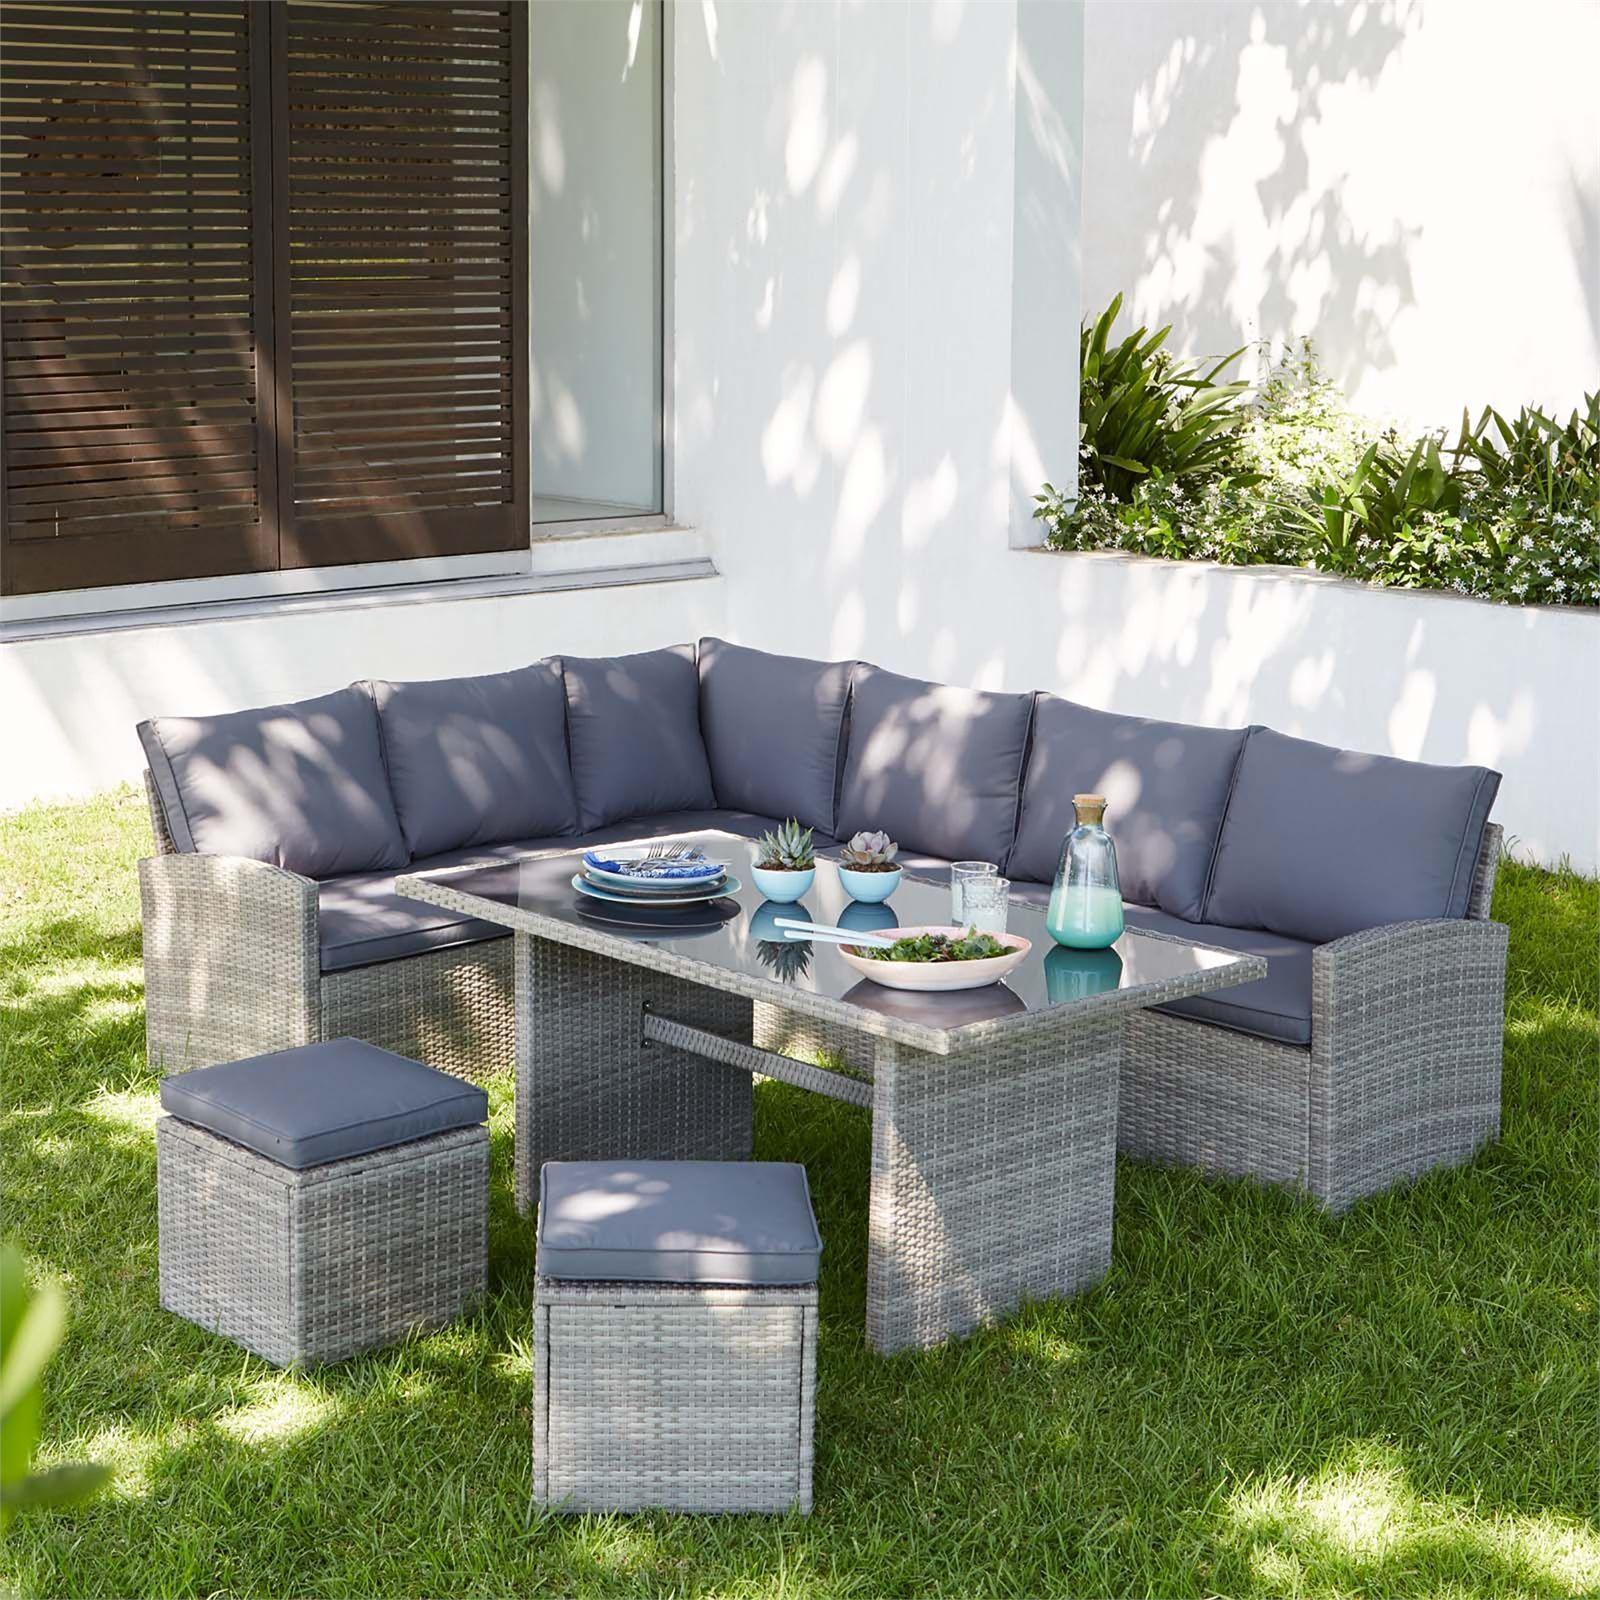 Matara Rattan Corner Sofa Dining Garden Furniture Set In Grey In 2020 Tuinbank Achtertuin Patio Ontwerpen Buitenbanken